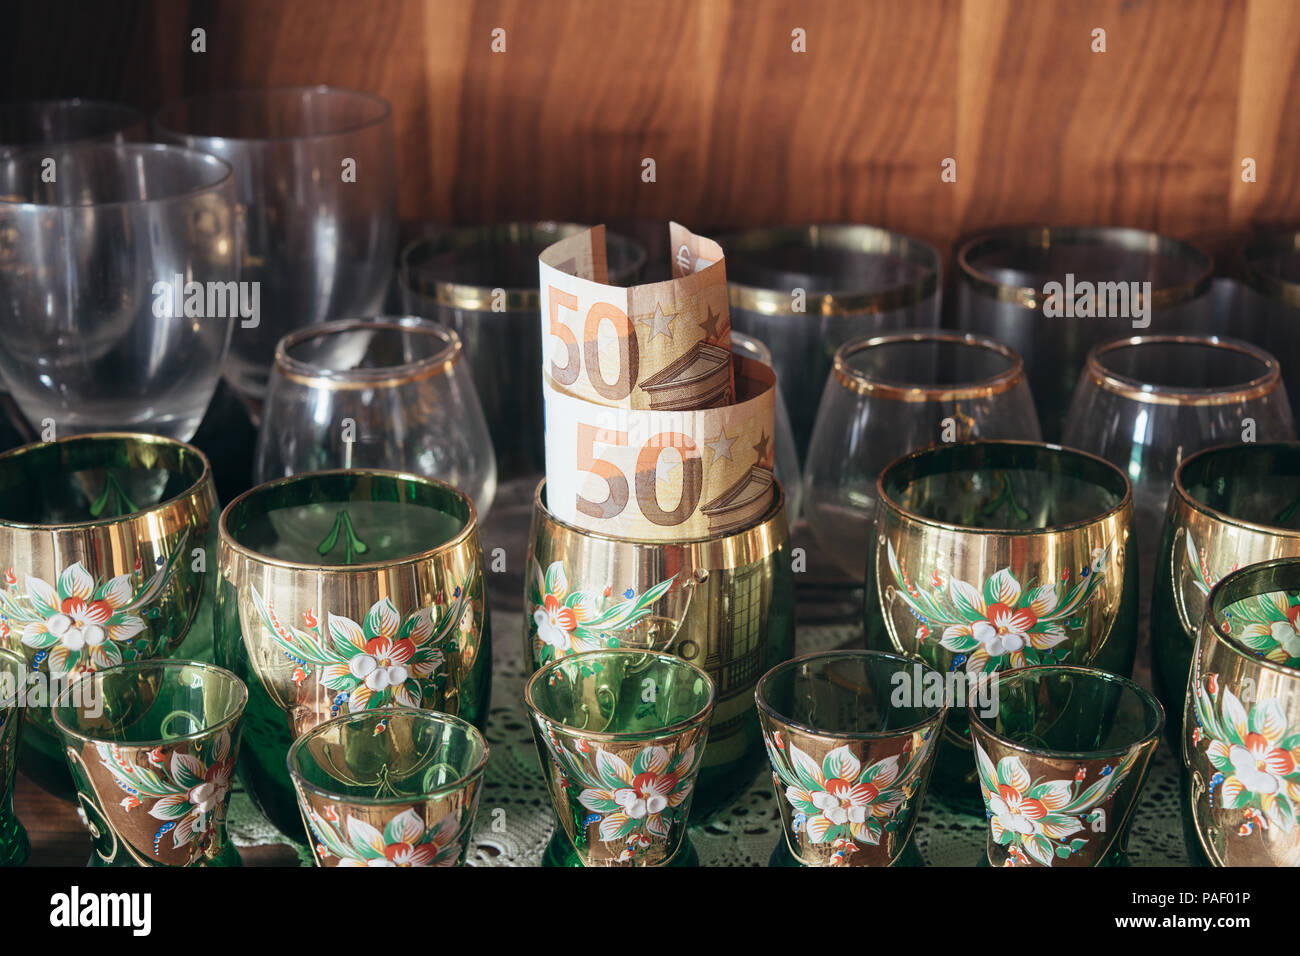 Geld sparen. Geld gespeichert in Glas. Ausblenden von Geld. Stockbild